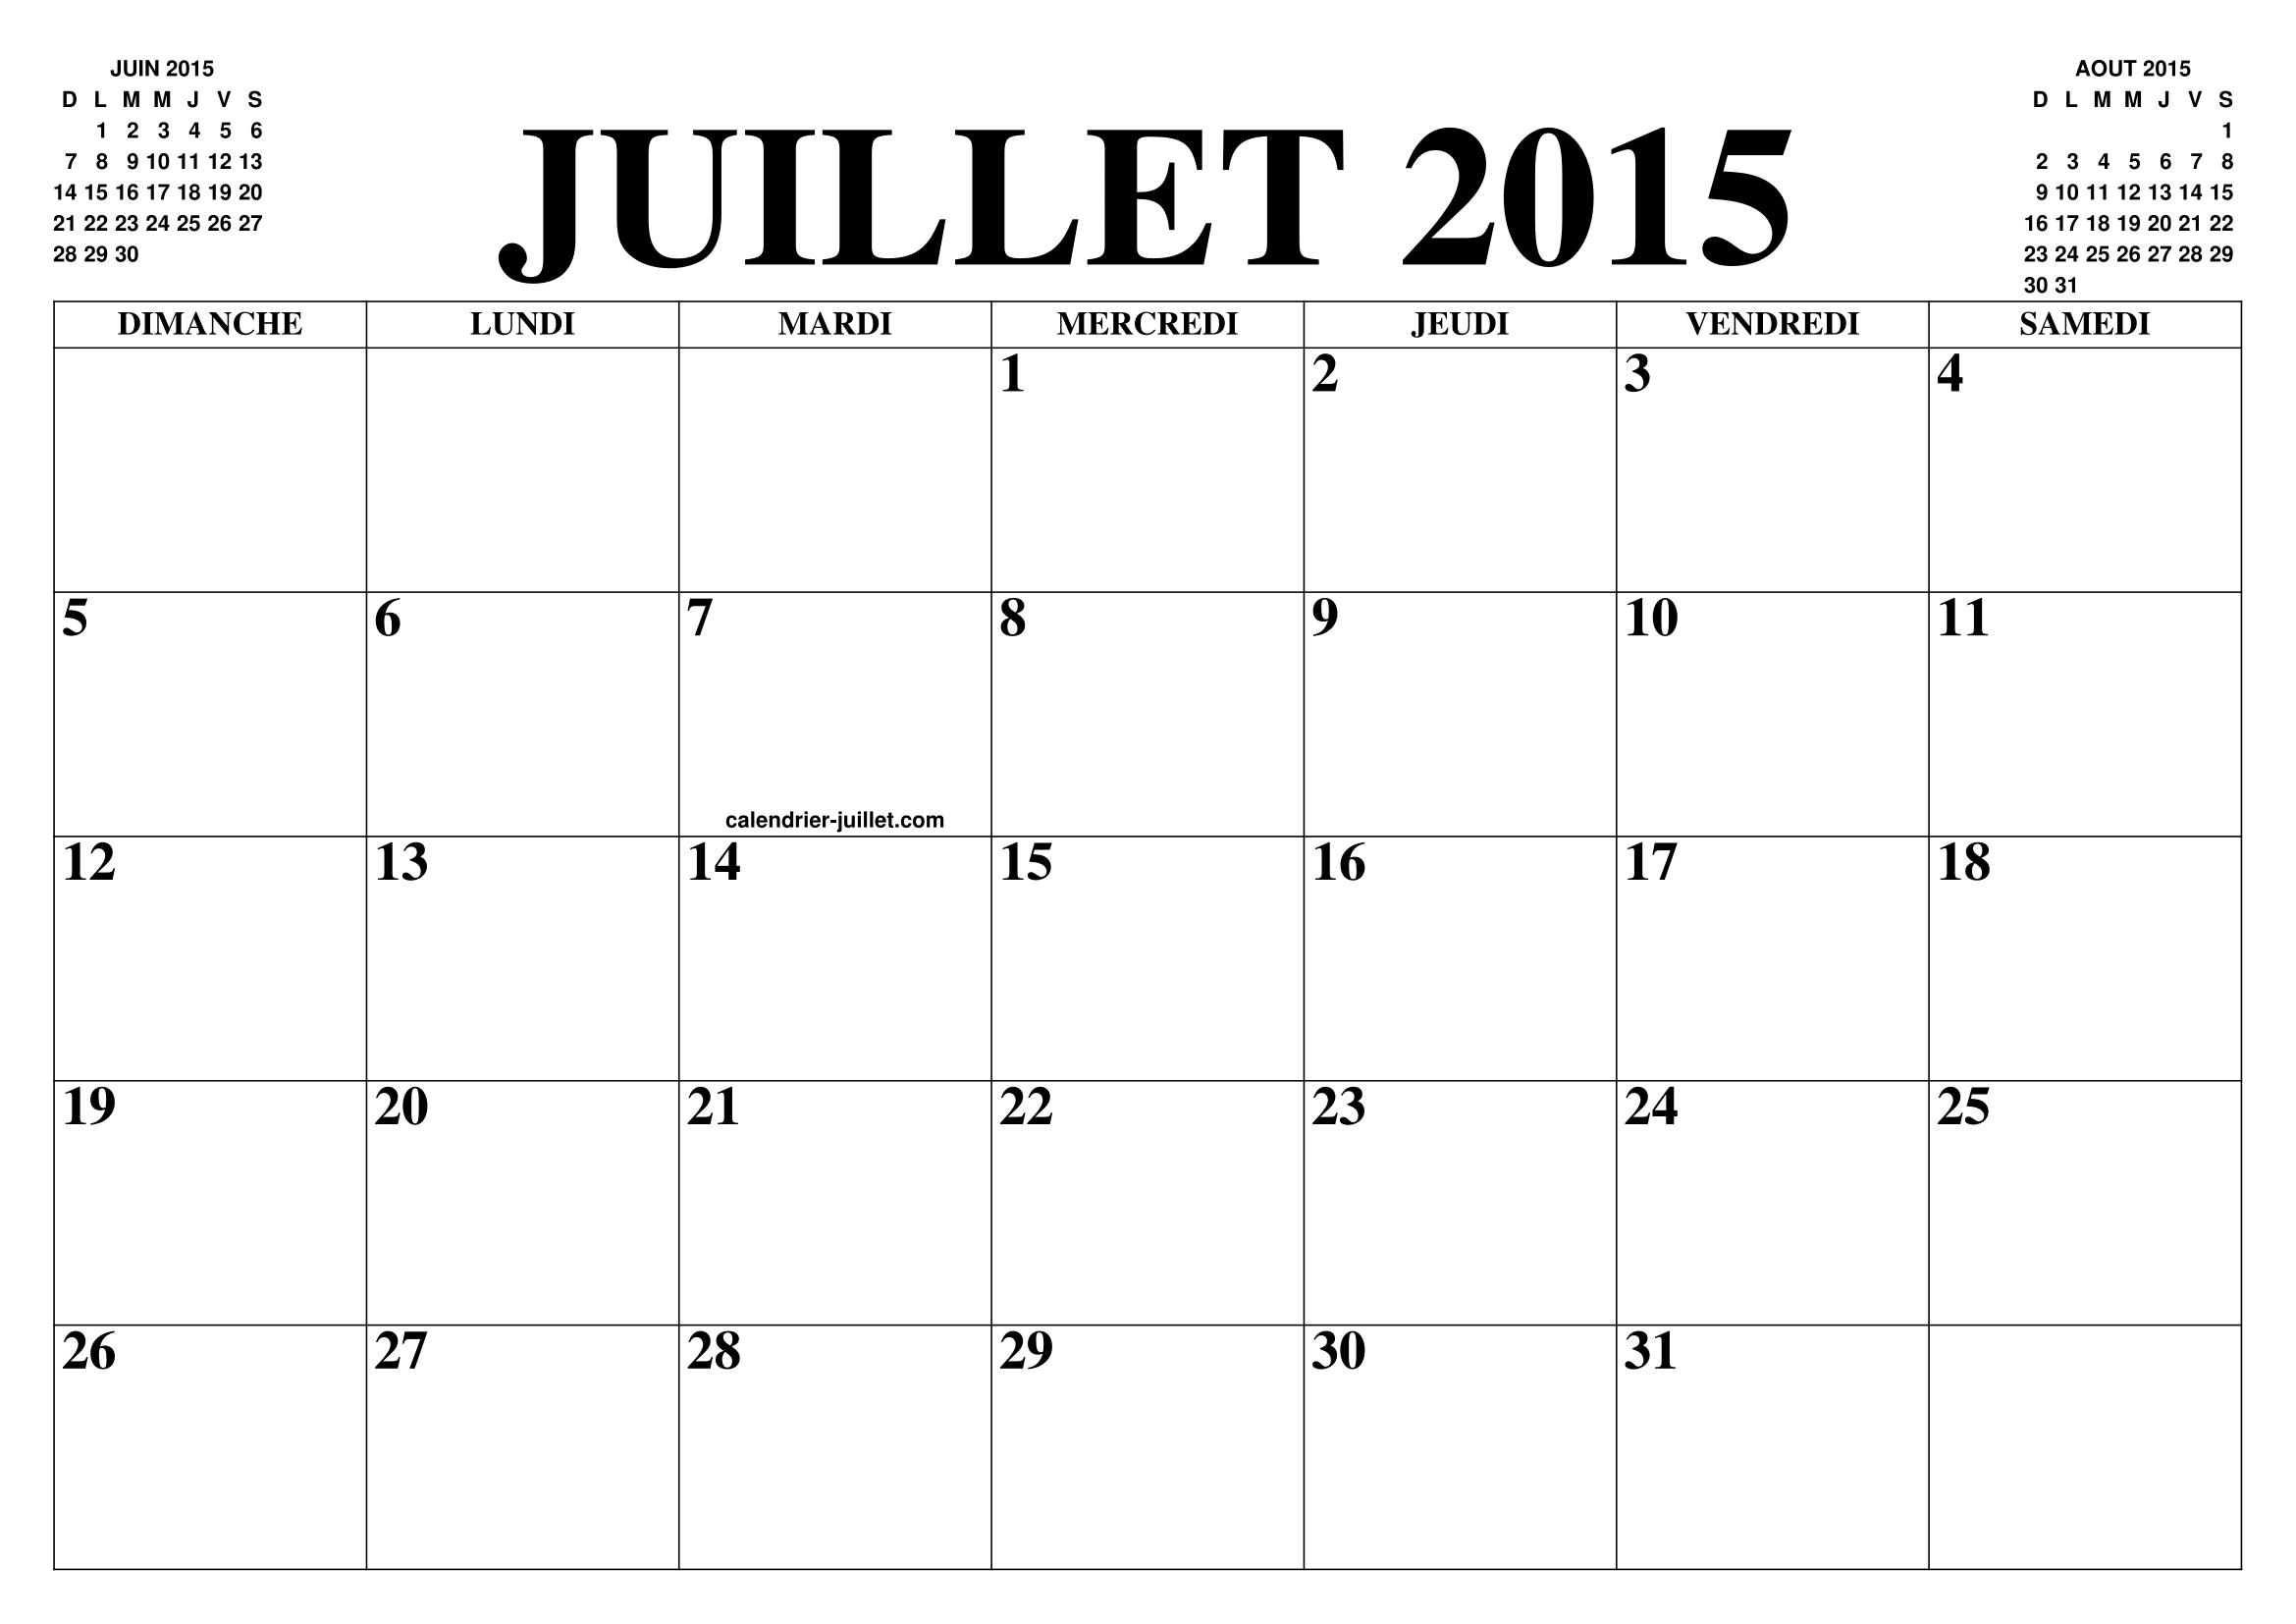 Calendrier Juillet 2015 Le Calendrier Du Mois De Juillet Gratuit A Imprimer Agenda